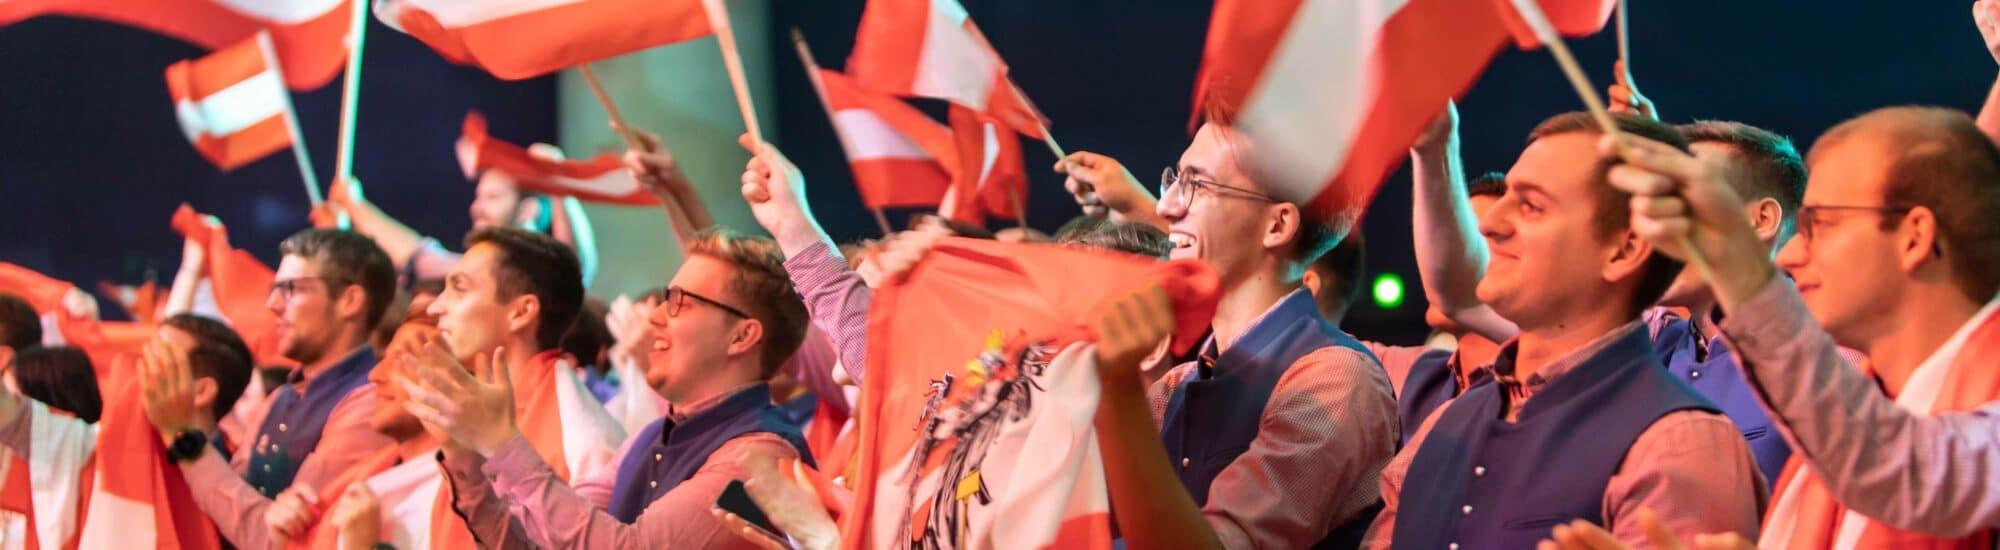 EuroSkills 2021: Medaillenregen für österreichischen Nachwuchs